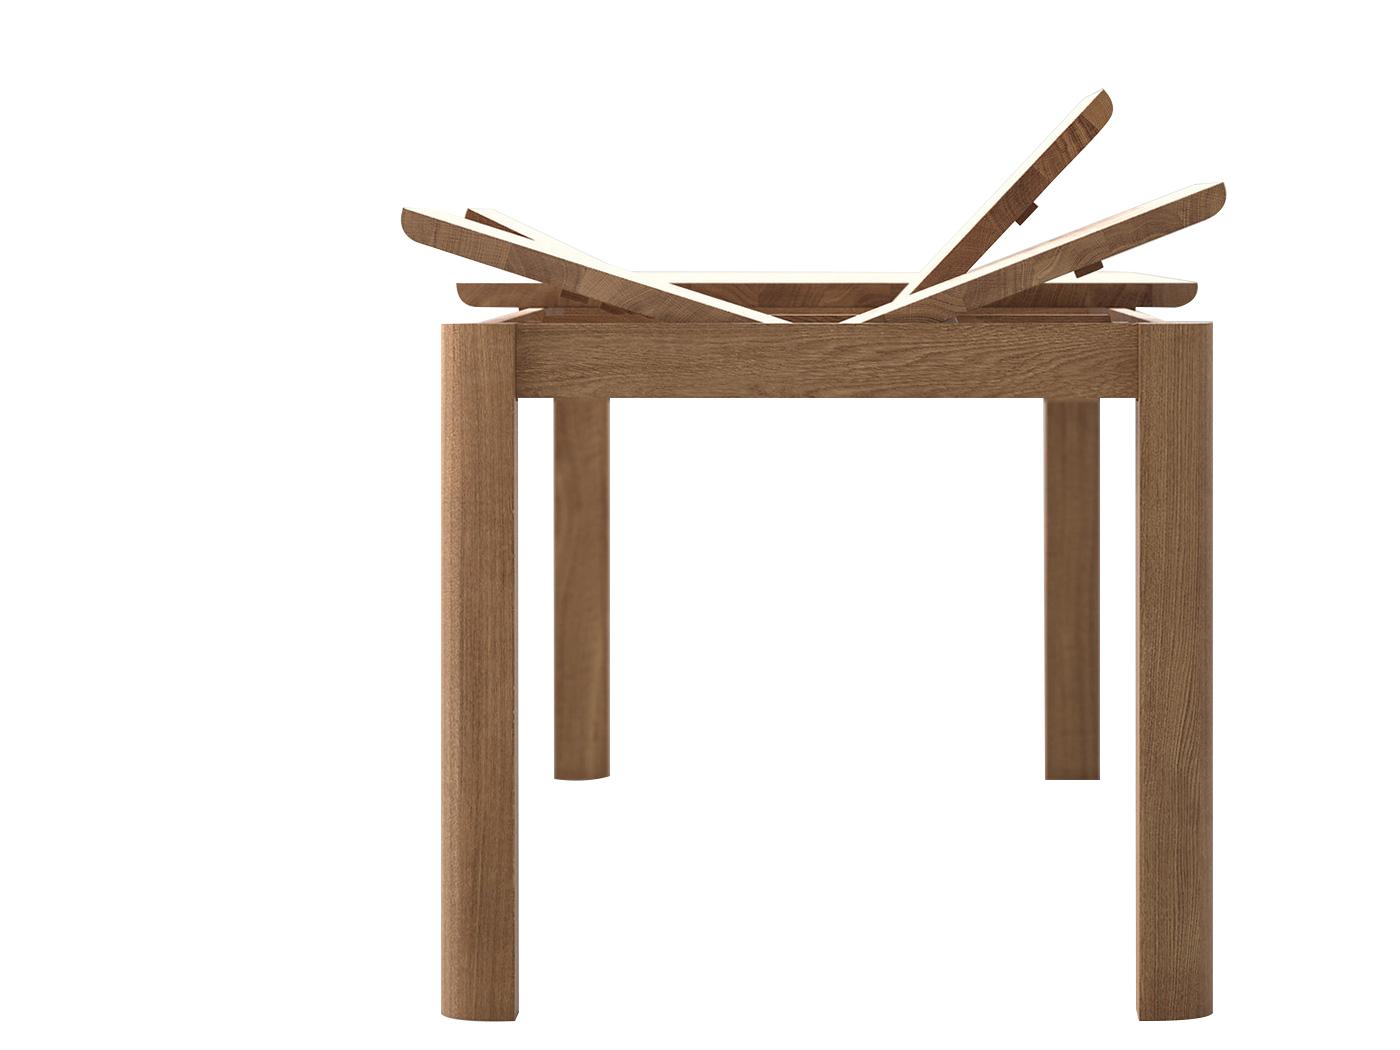 Vierkante Eettafel Uitschuifbaar.Bonn Uitschuifbare Eettafel